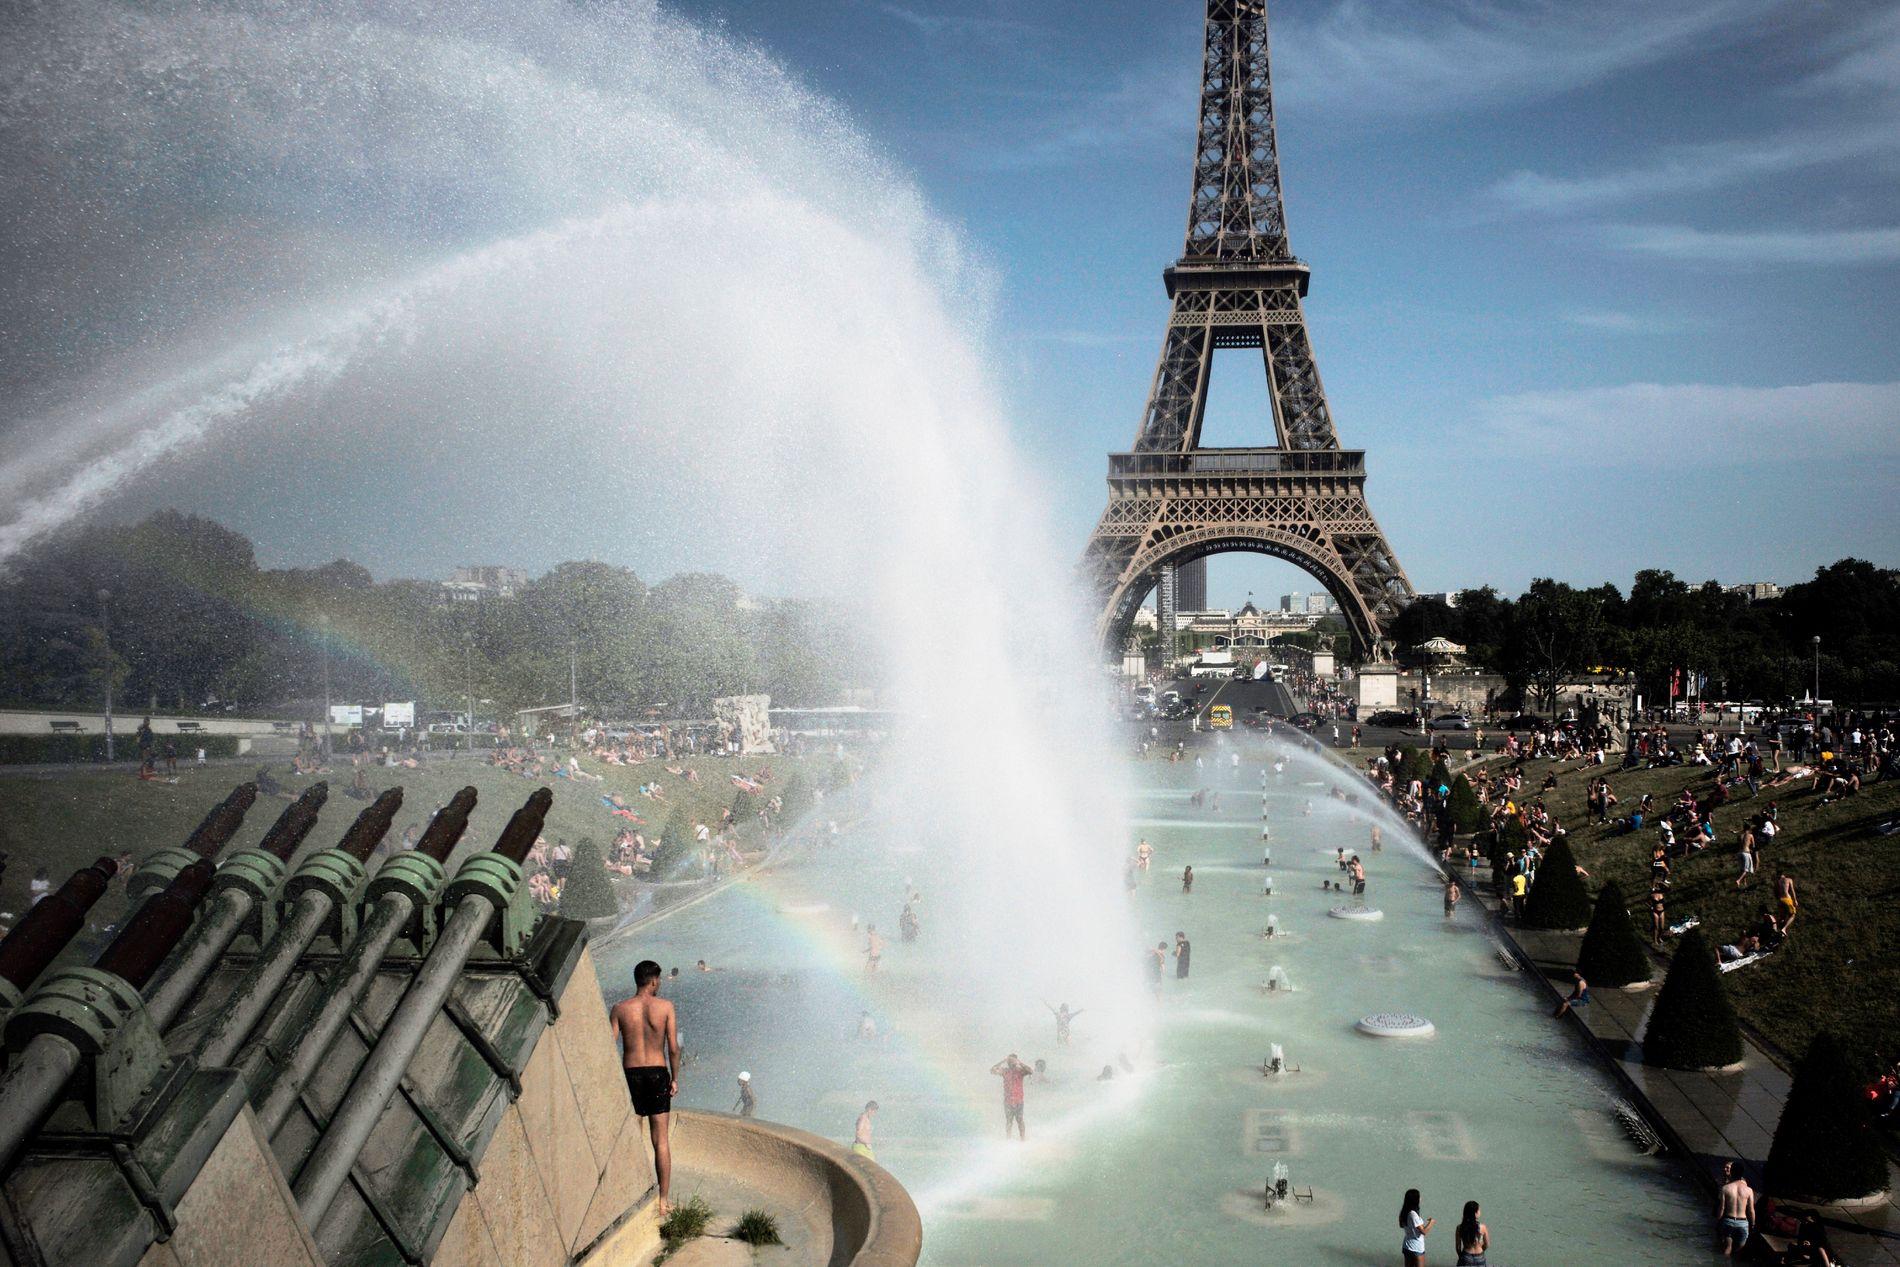 Mennesker kjøler seg ned i Trocadero-fontenen foran Eiffeltårnet i Paris, under den første hetebølgen i slutten av juni. Nå kommer ekstremvarmen tilbake til den franske hovedstaden.